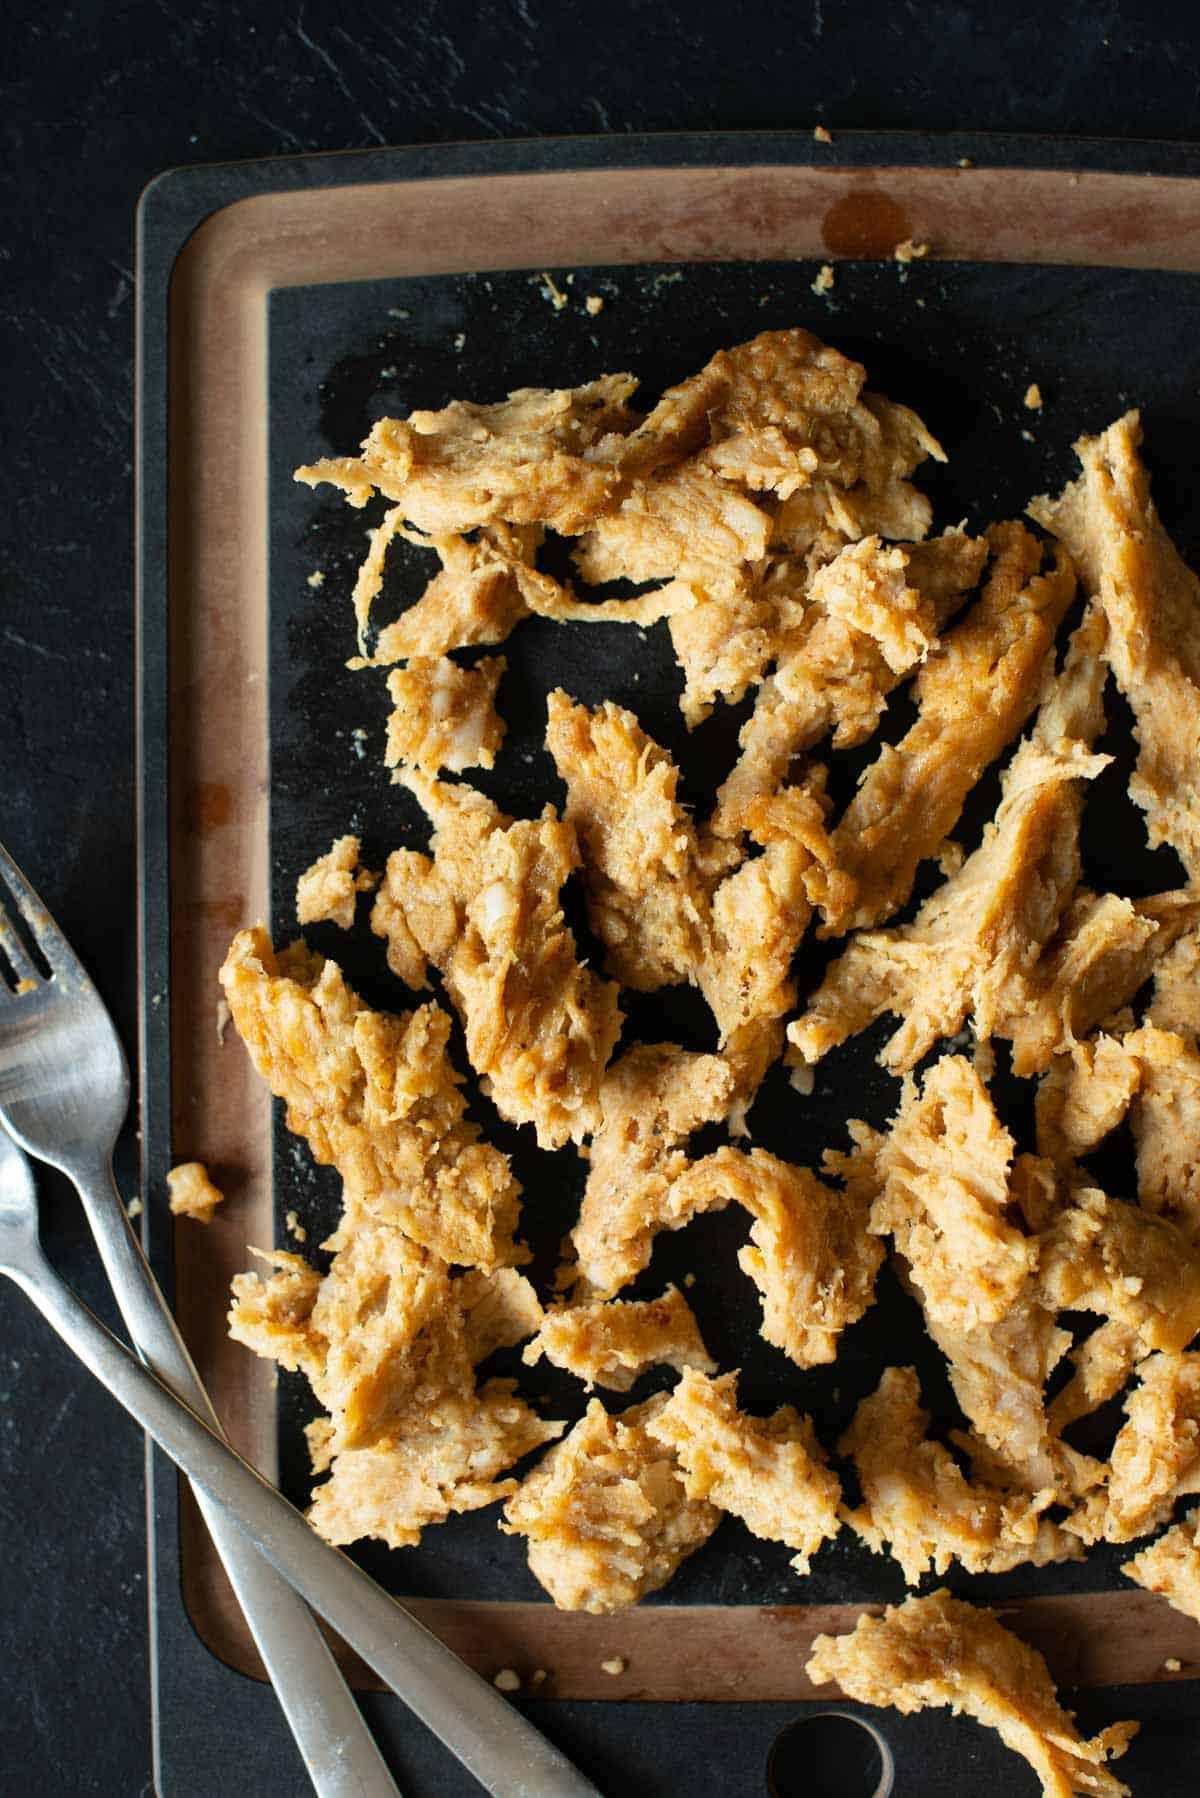 Bild des veganen Shredded Chicken einmal zerkleinert